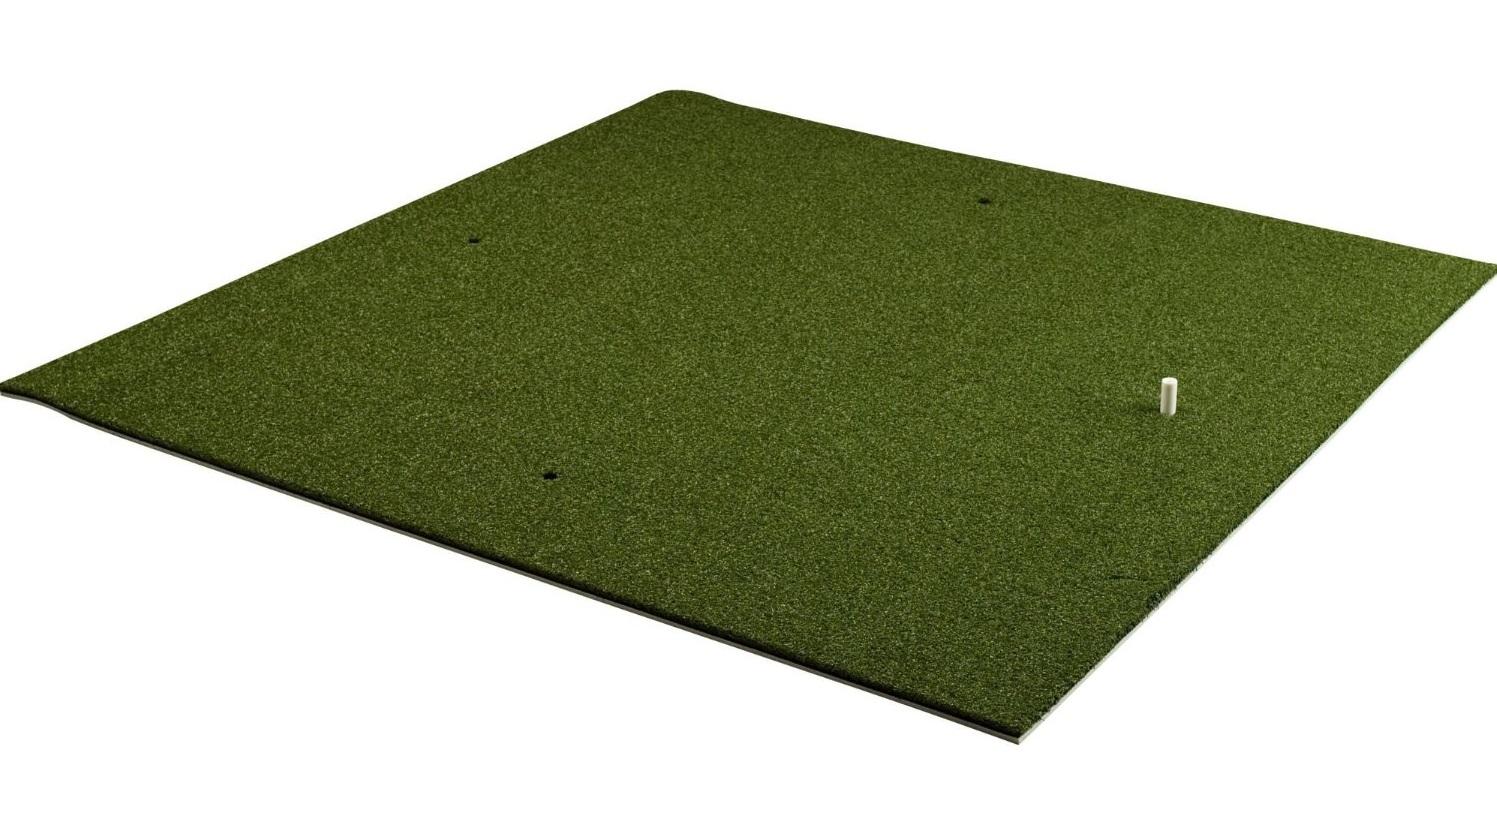 mat mats durapro star golf youtube practice reviews watch